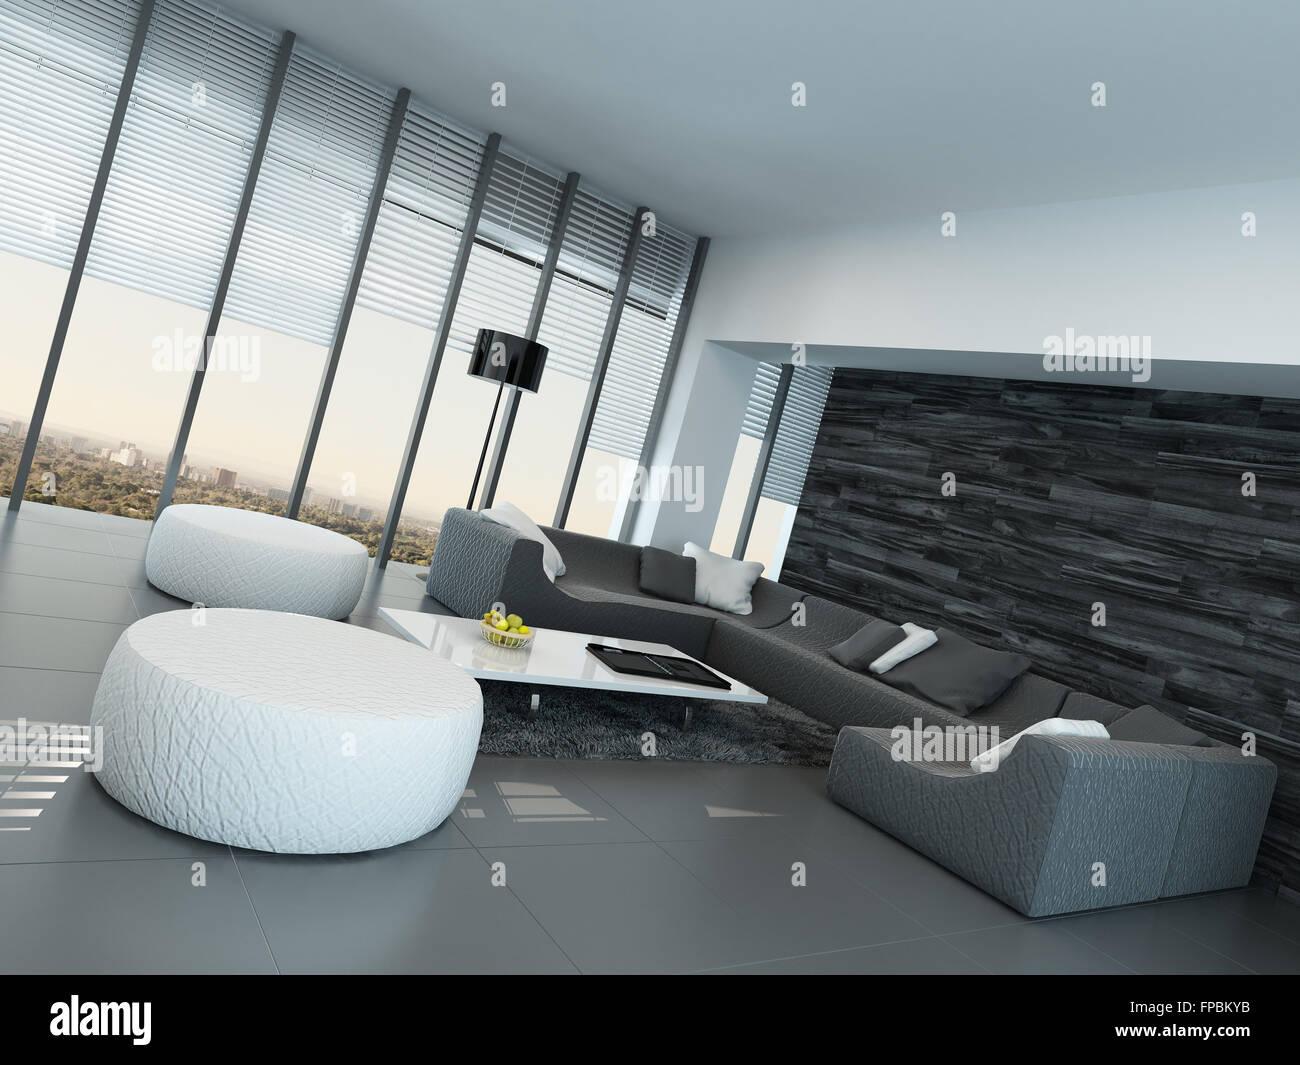 Schräge Perspektive ein modernes grau und weiß Wohnzimmer Interieur ...